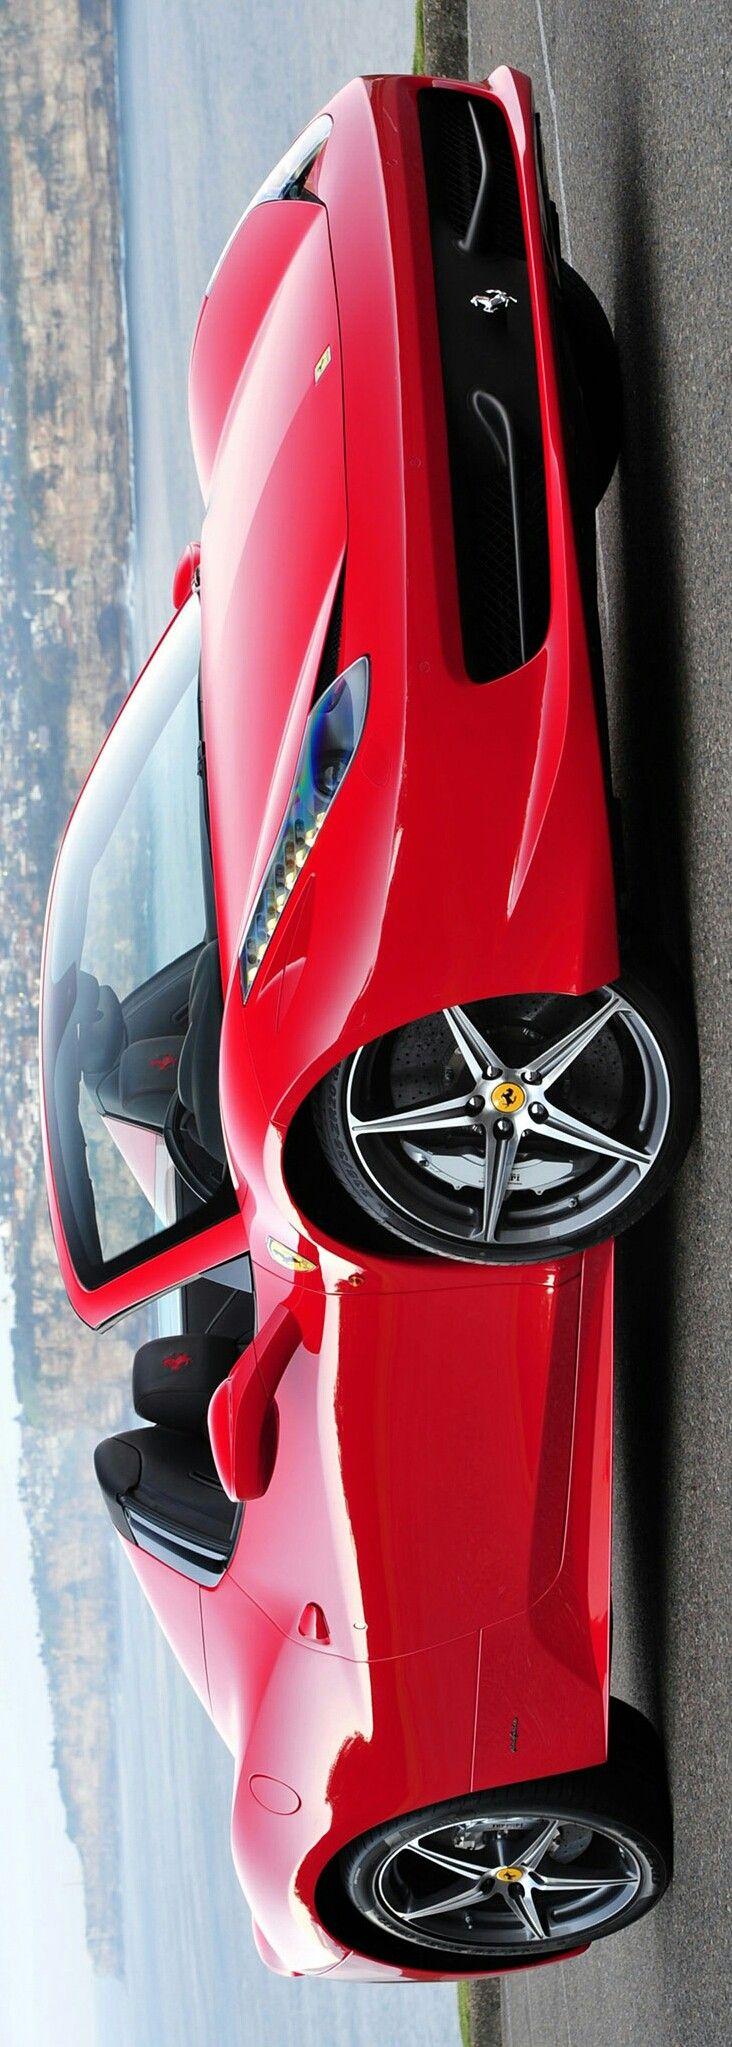 Ferrari 458 Spider by Levon